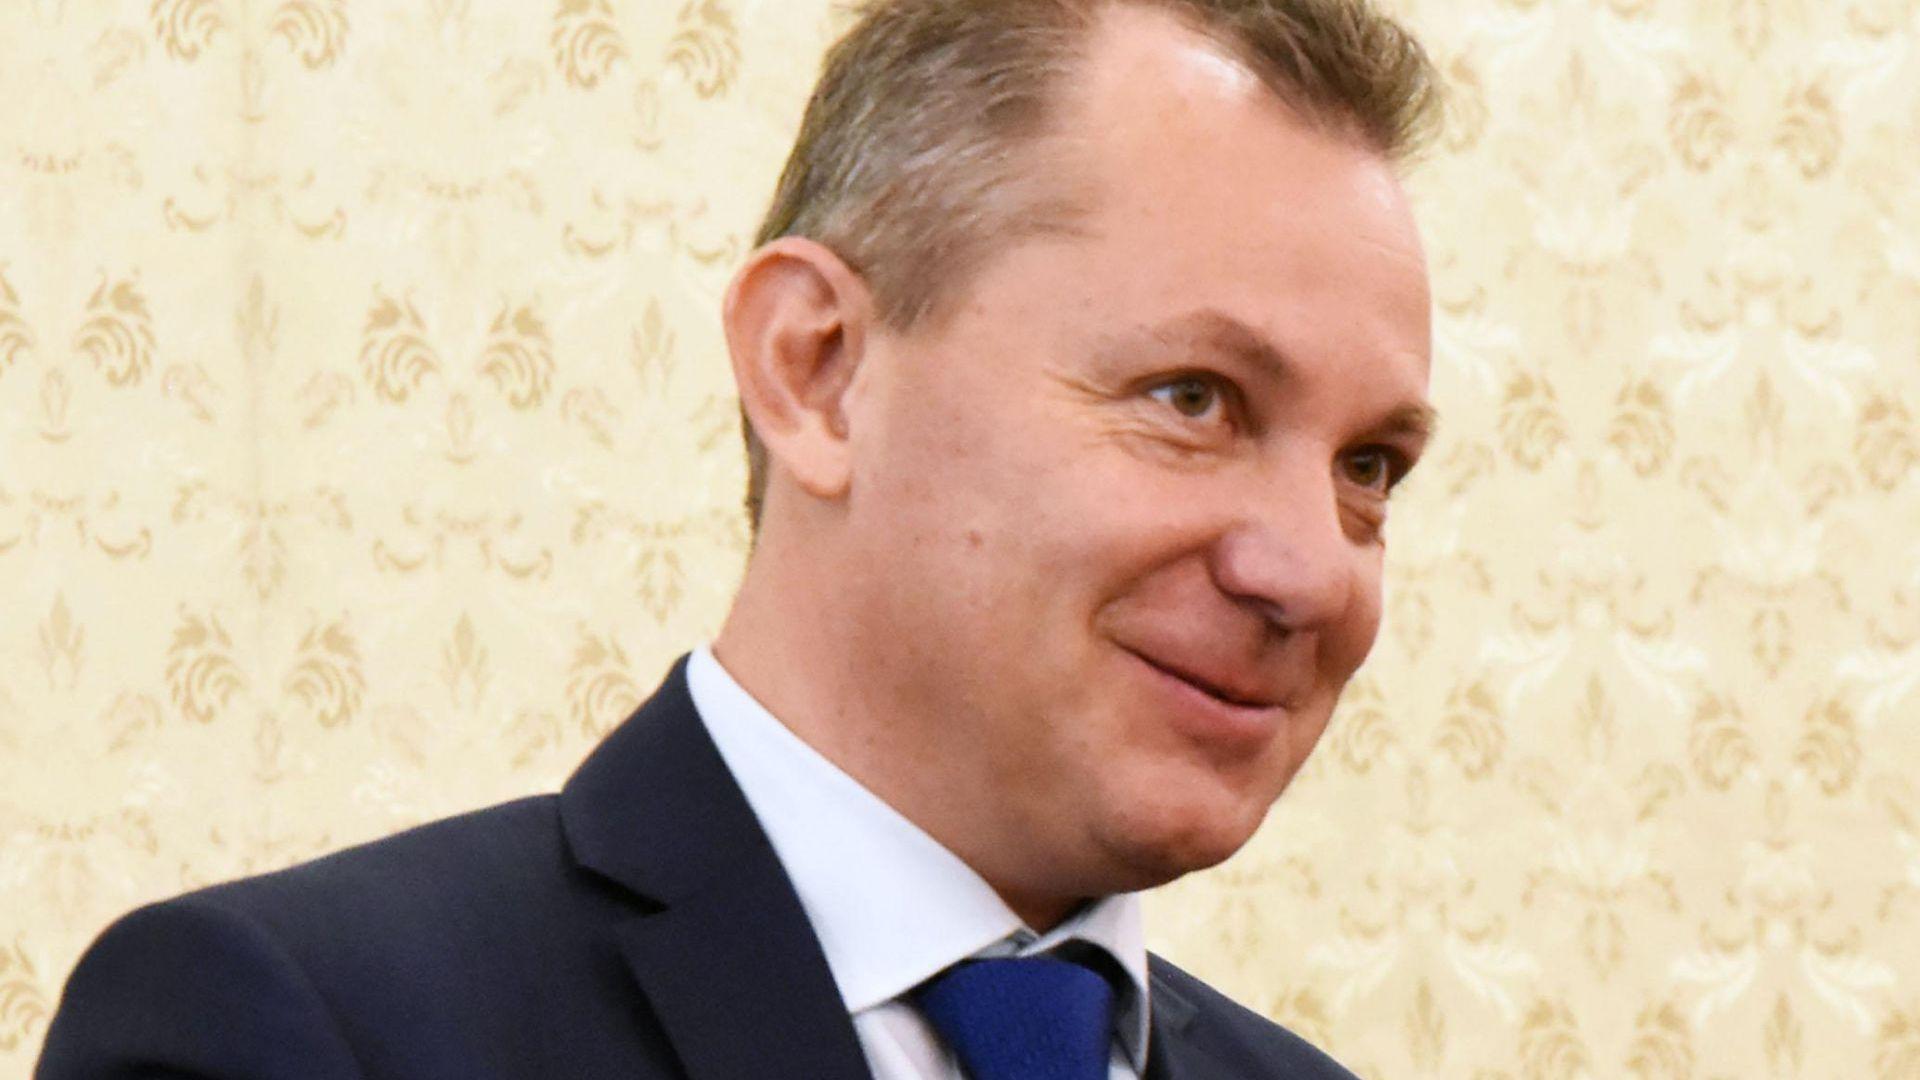 МВР и ДАНС декларираха пълно съдействие на главния прокурор относно